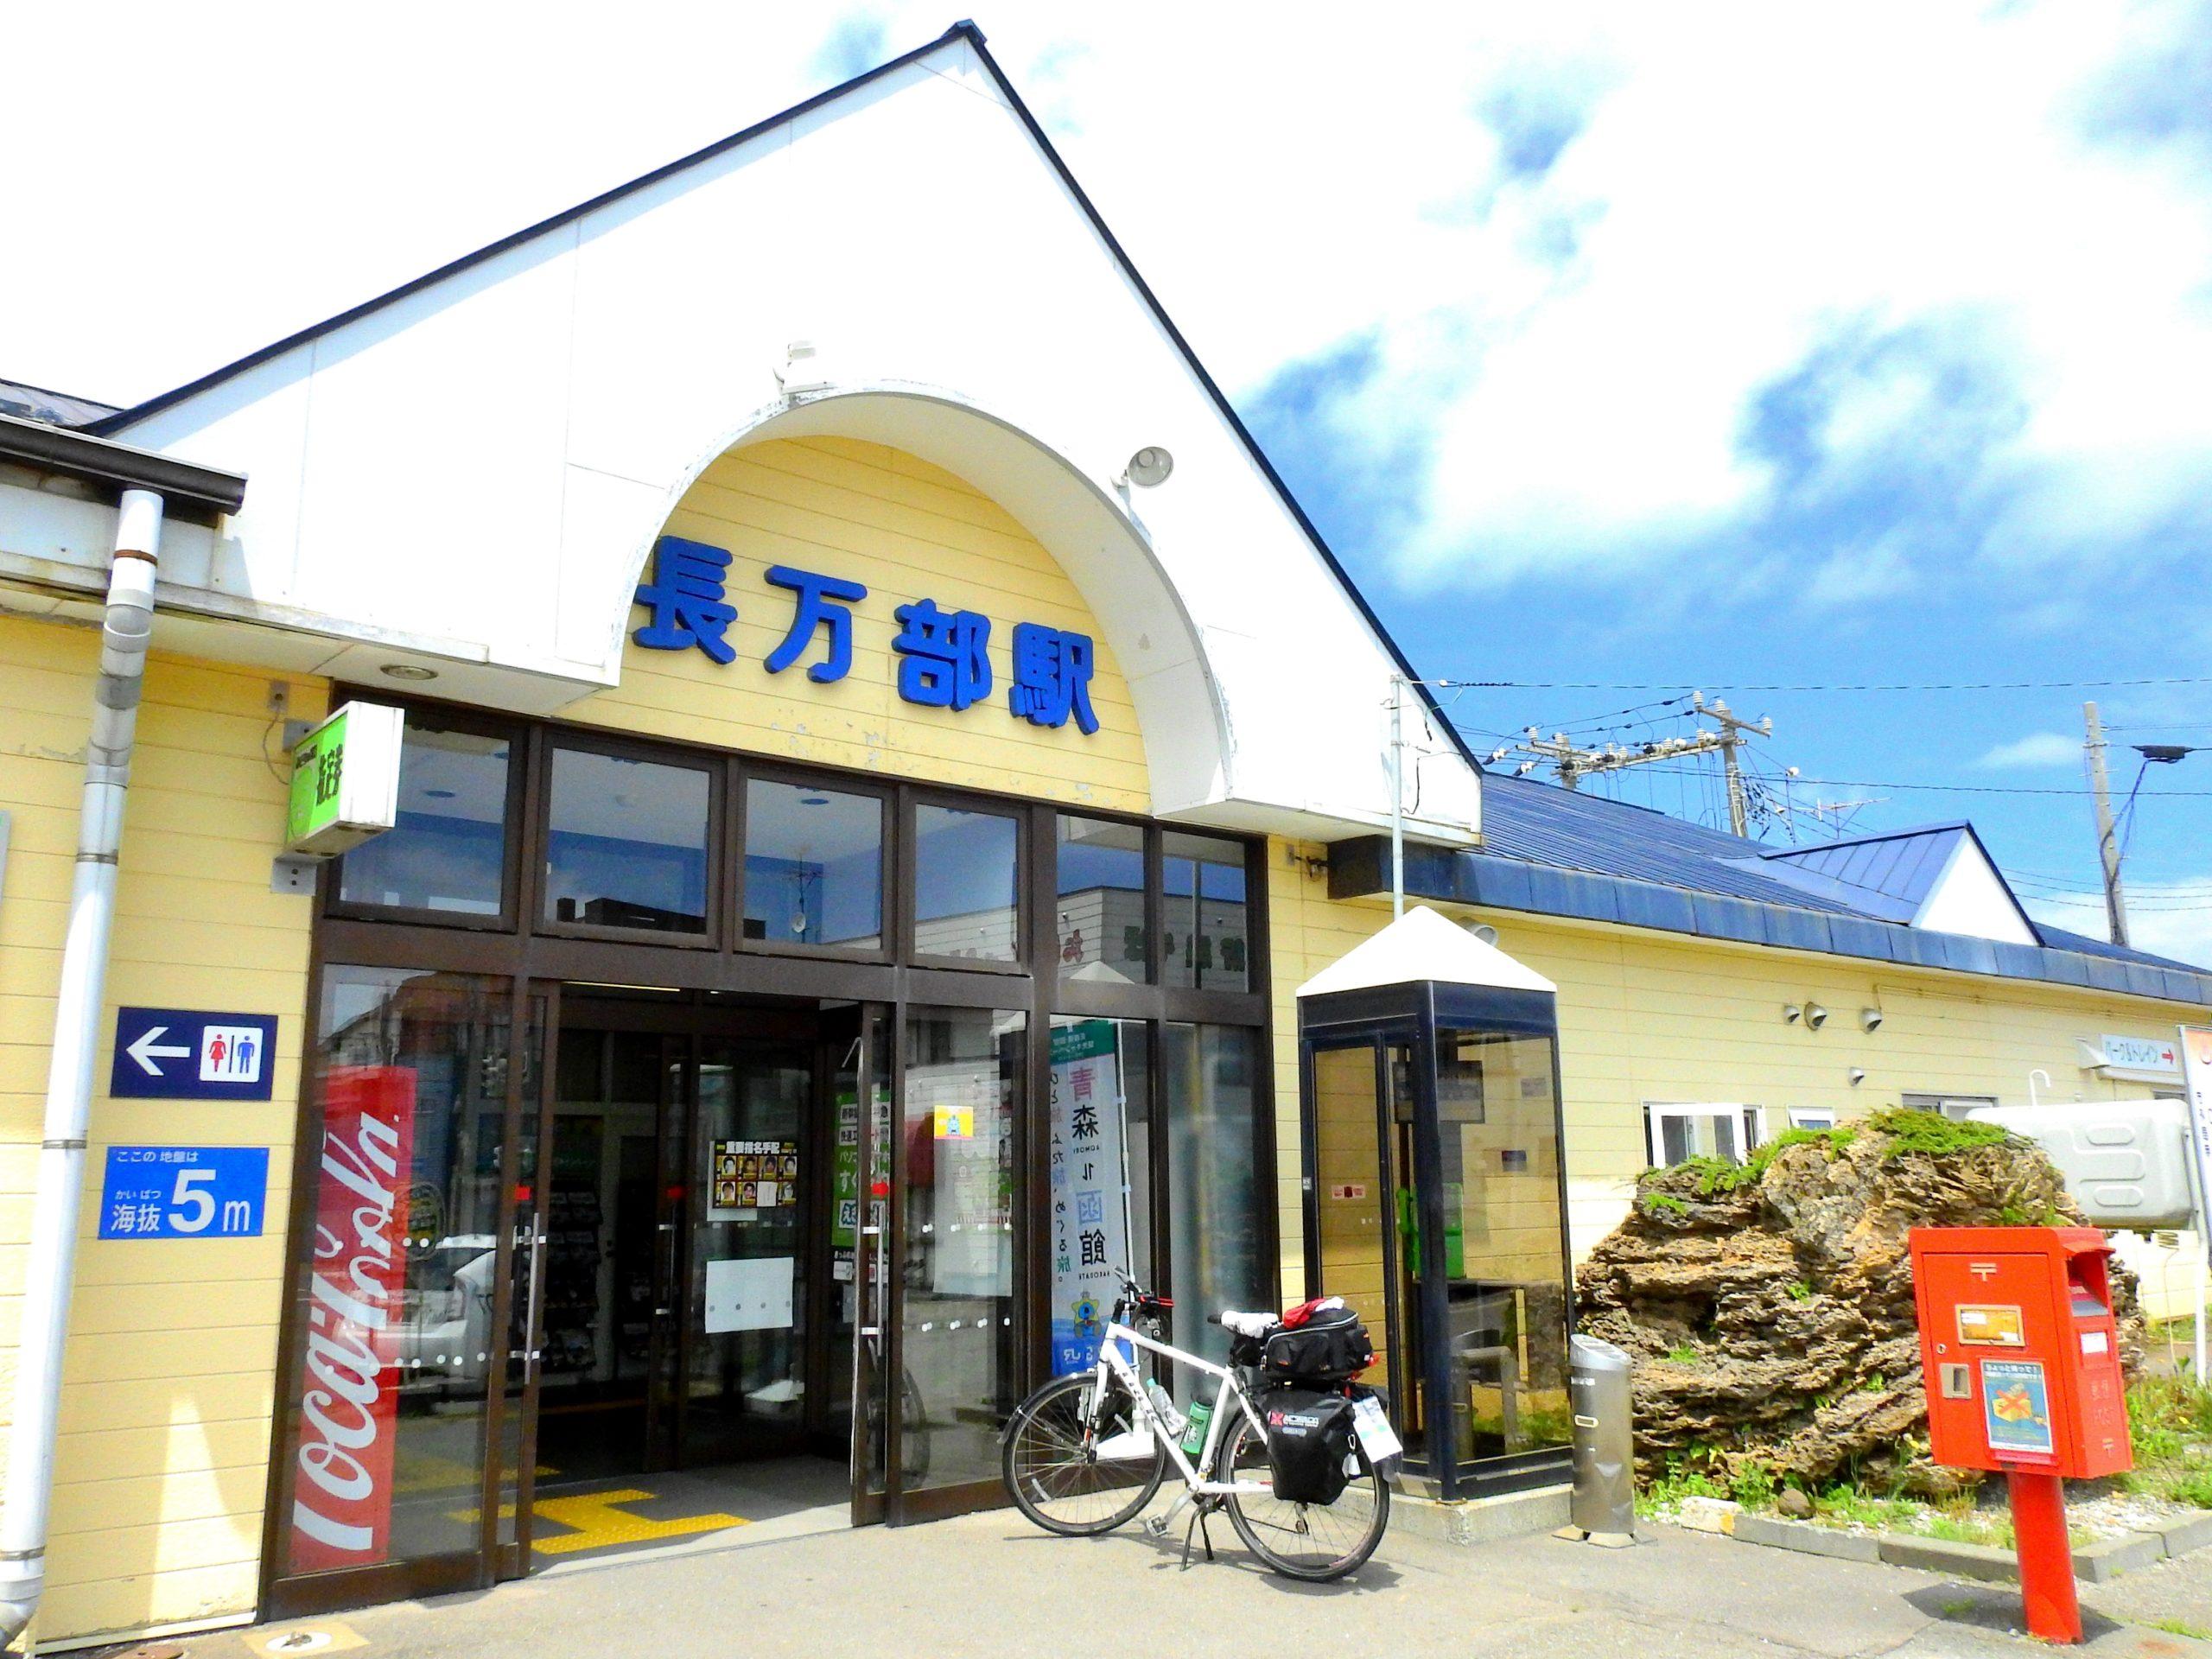 北海道 長万部駅